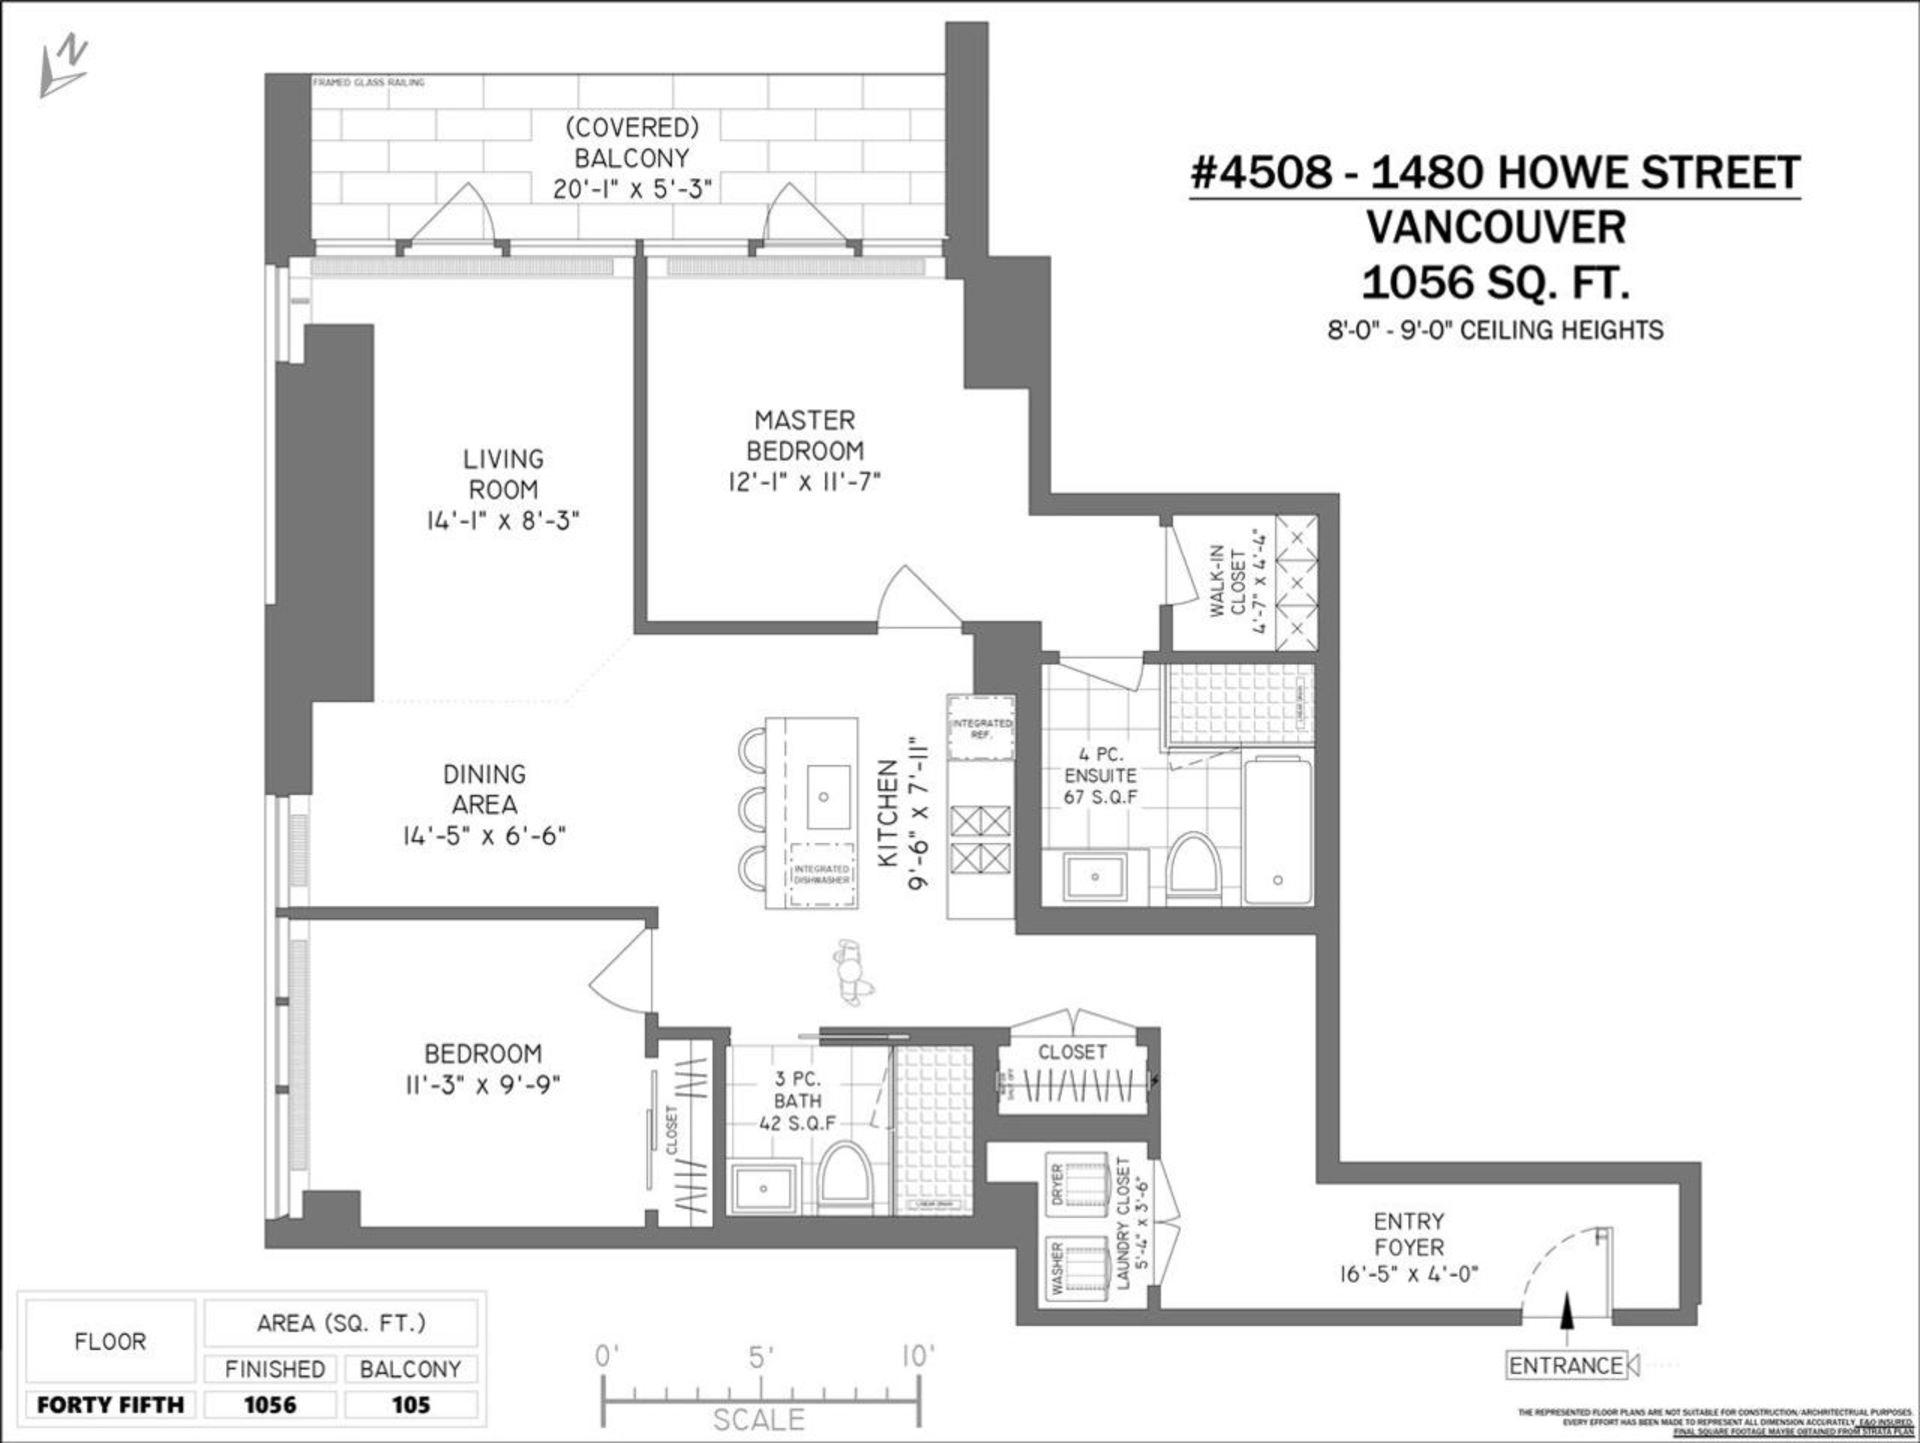 1480-howe-street-yaletown-vancouver-west-20 at 4508 - 1480 Howe Street, Yaletown, Vancouver West